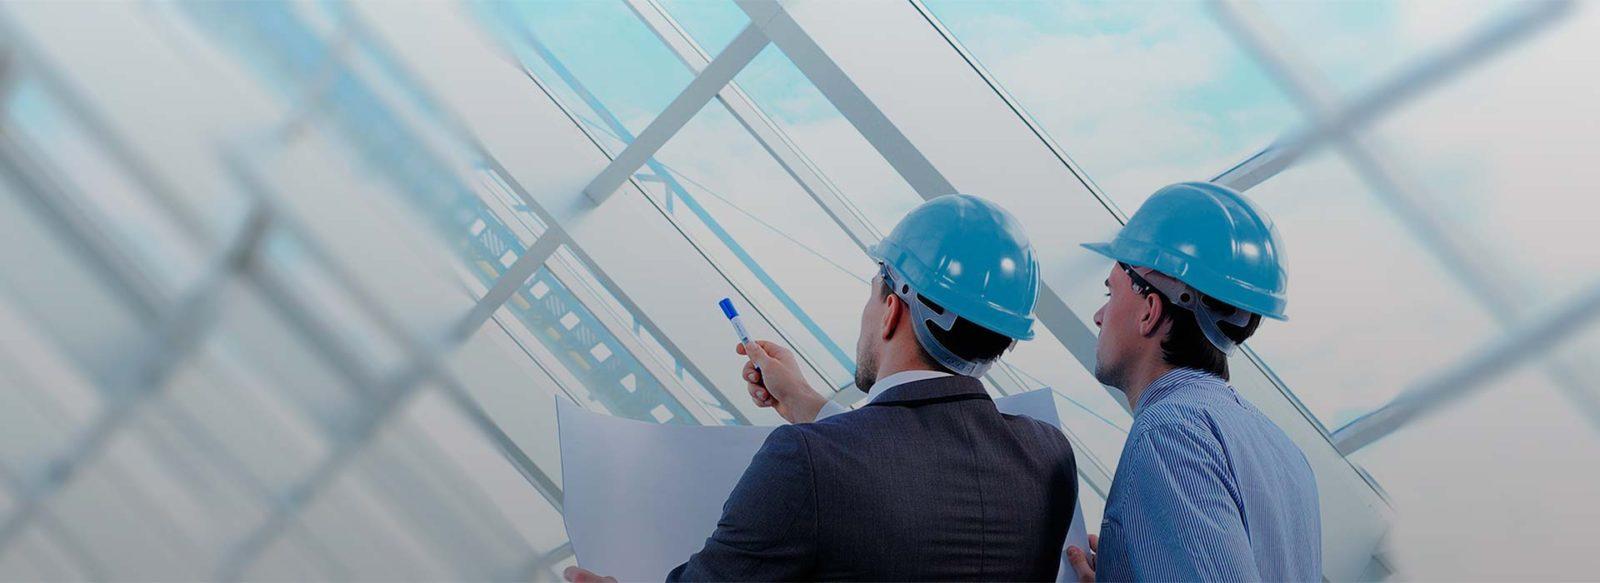 Страхование гражданской ответственности СРО строителей